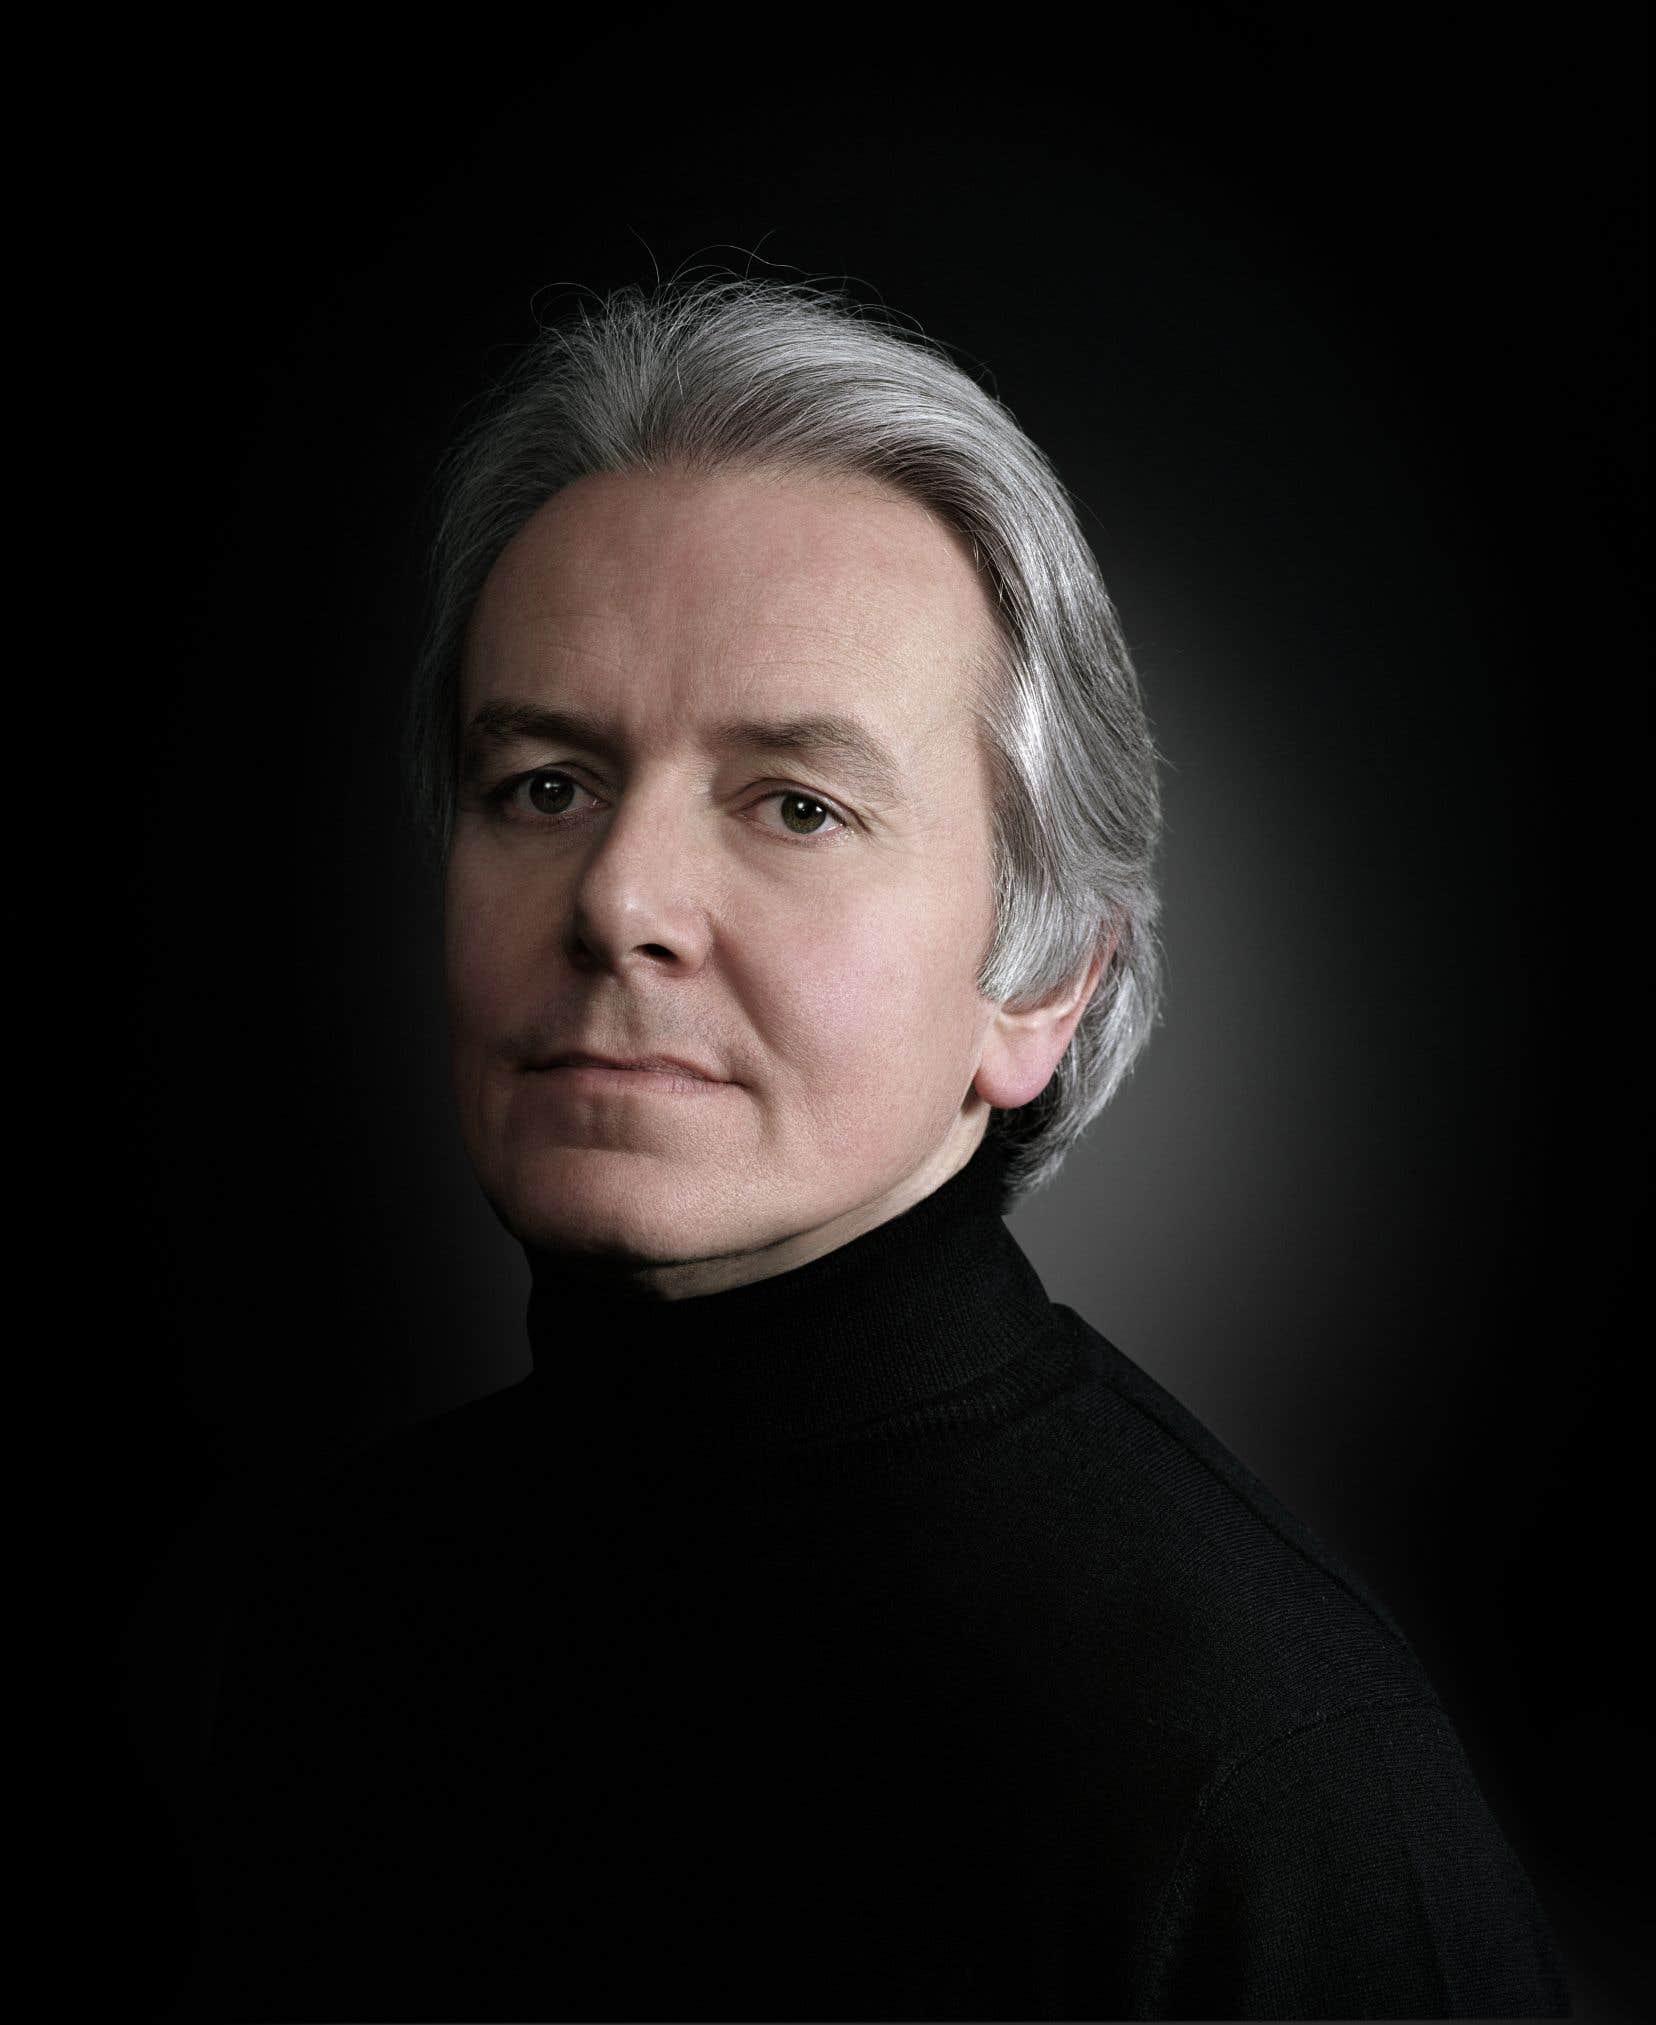 Le pianiste Christian Blackshaw donnera un récital le 14 juillet à Orford Musique.